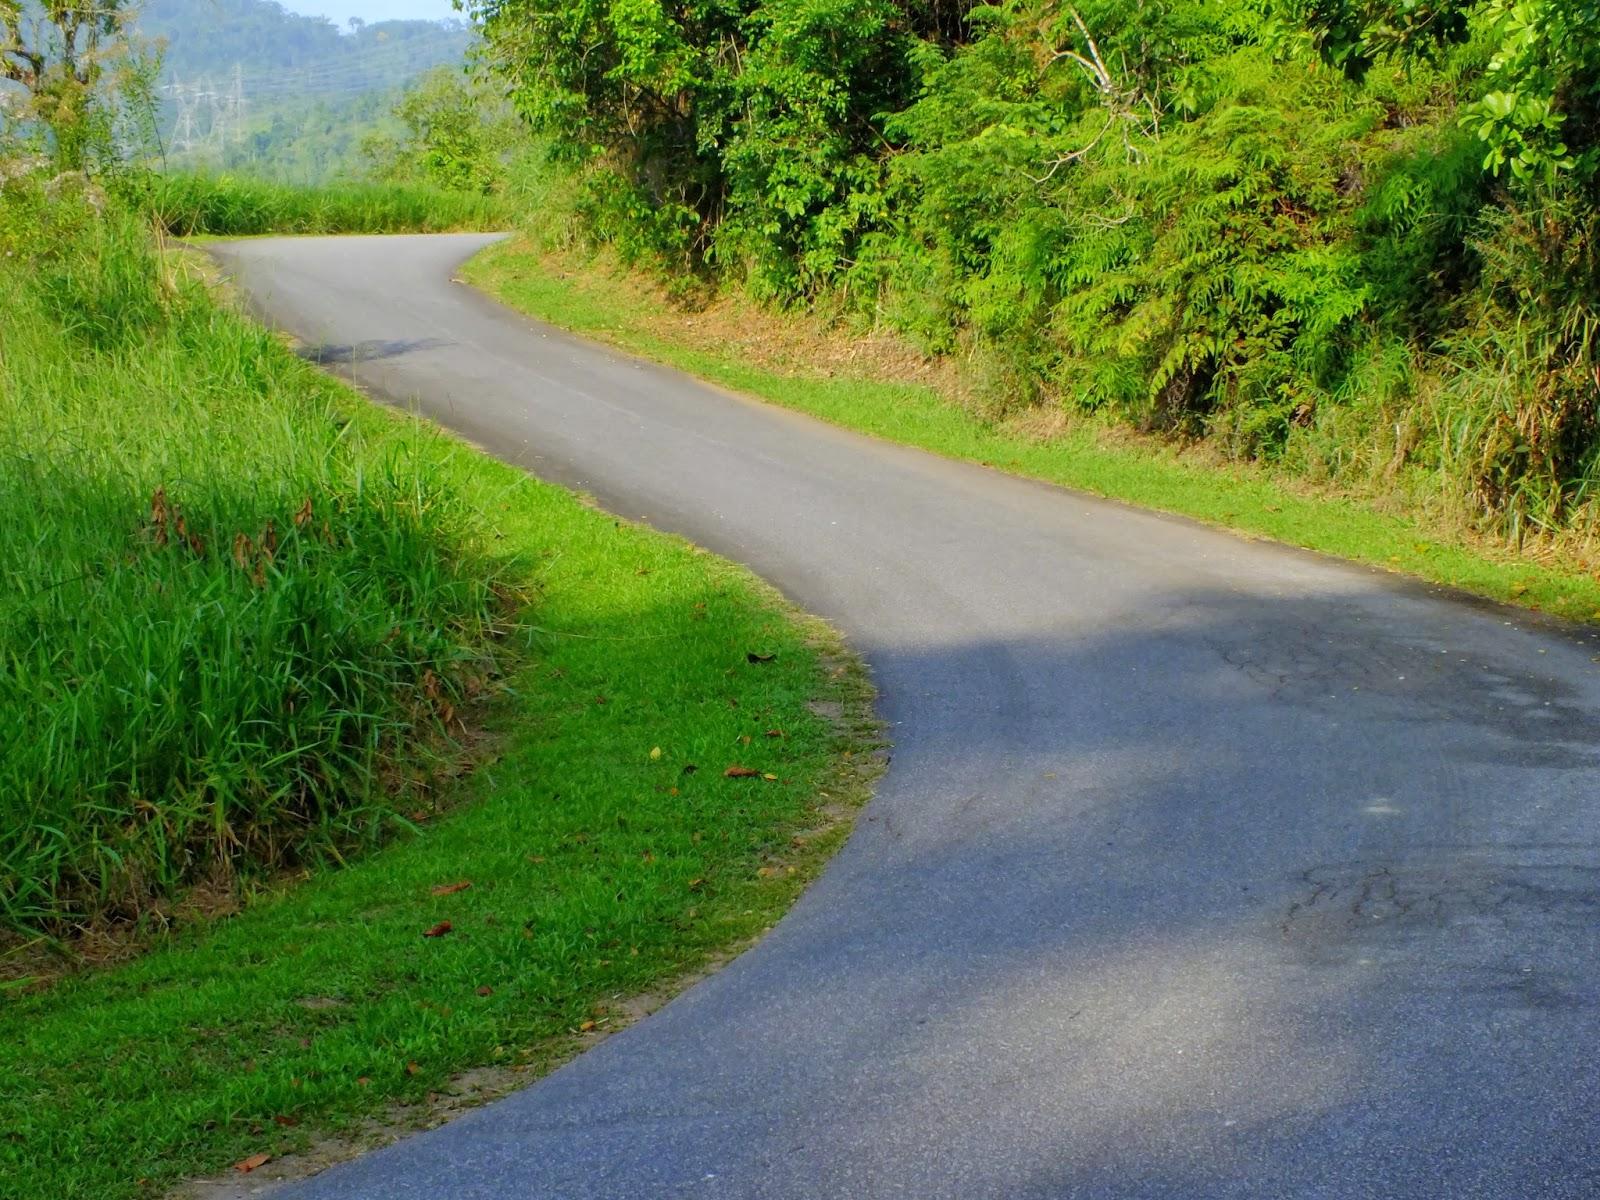 http://aprendendocomasimagens.blogspot.com/2013/10/uma-caminhada-ate-o-frescor-da-natureza.html - Até mesmo em uma pequena jornada com andanças obstinadas, eu perpetuo a afeição por cada influência vinda da Natureza. Com a alma elevada a sintonia Divina...